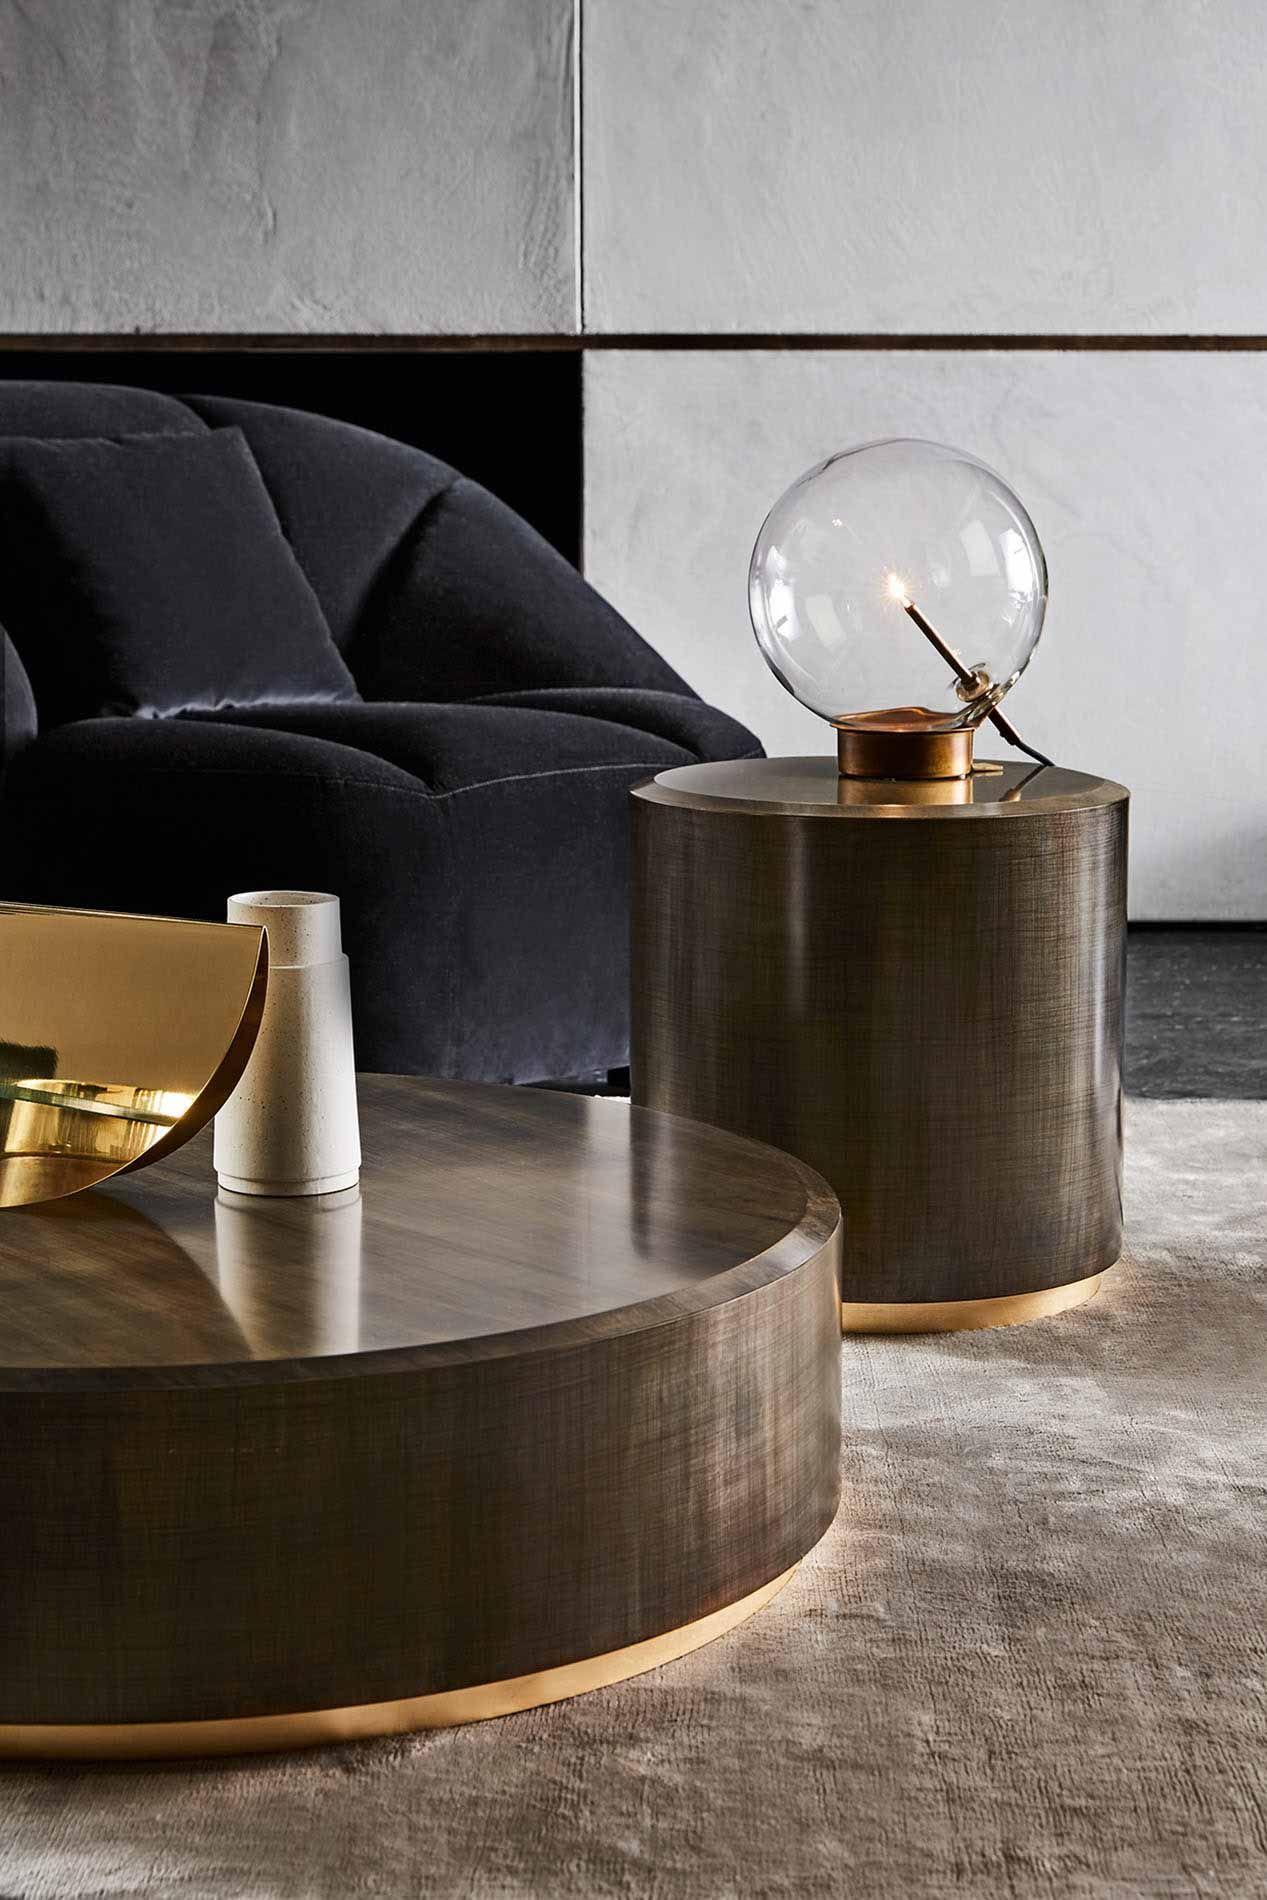 oro trend 2018 lampada oro antico gallotti e radice | #immcologne ...